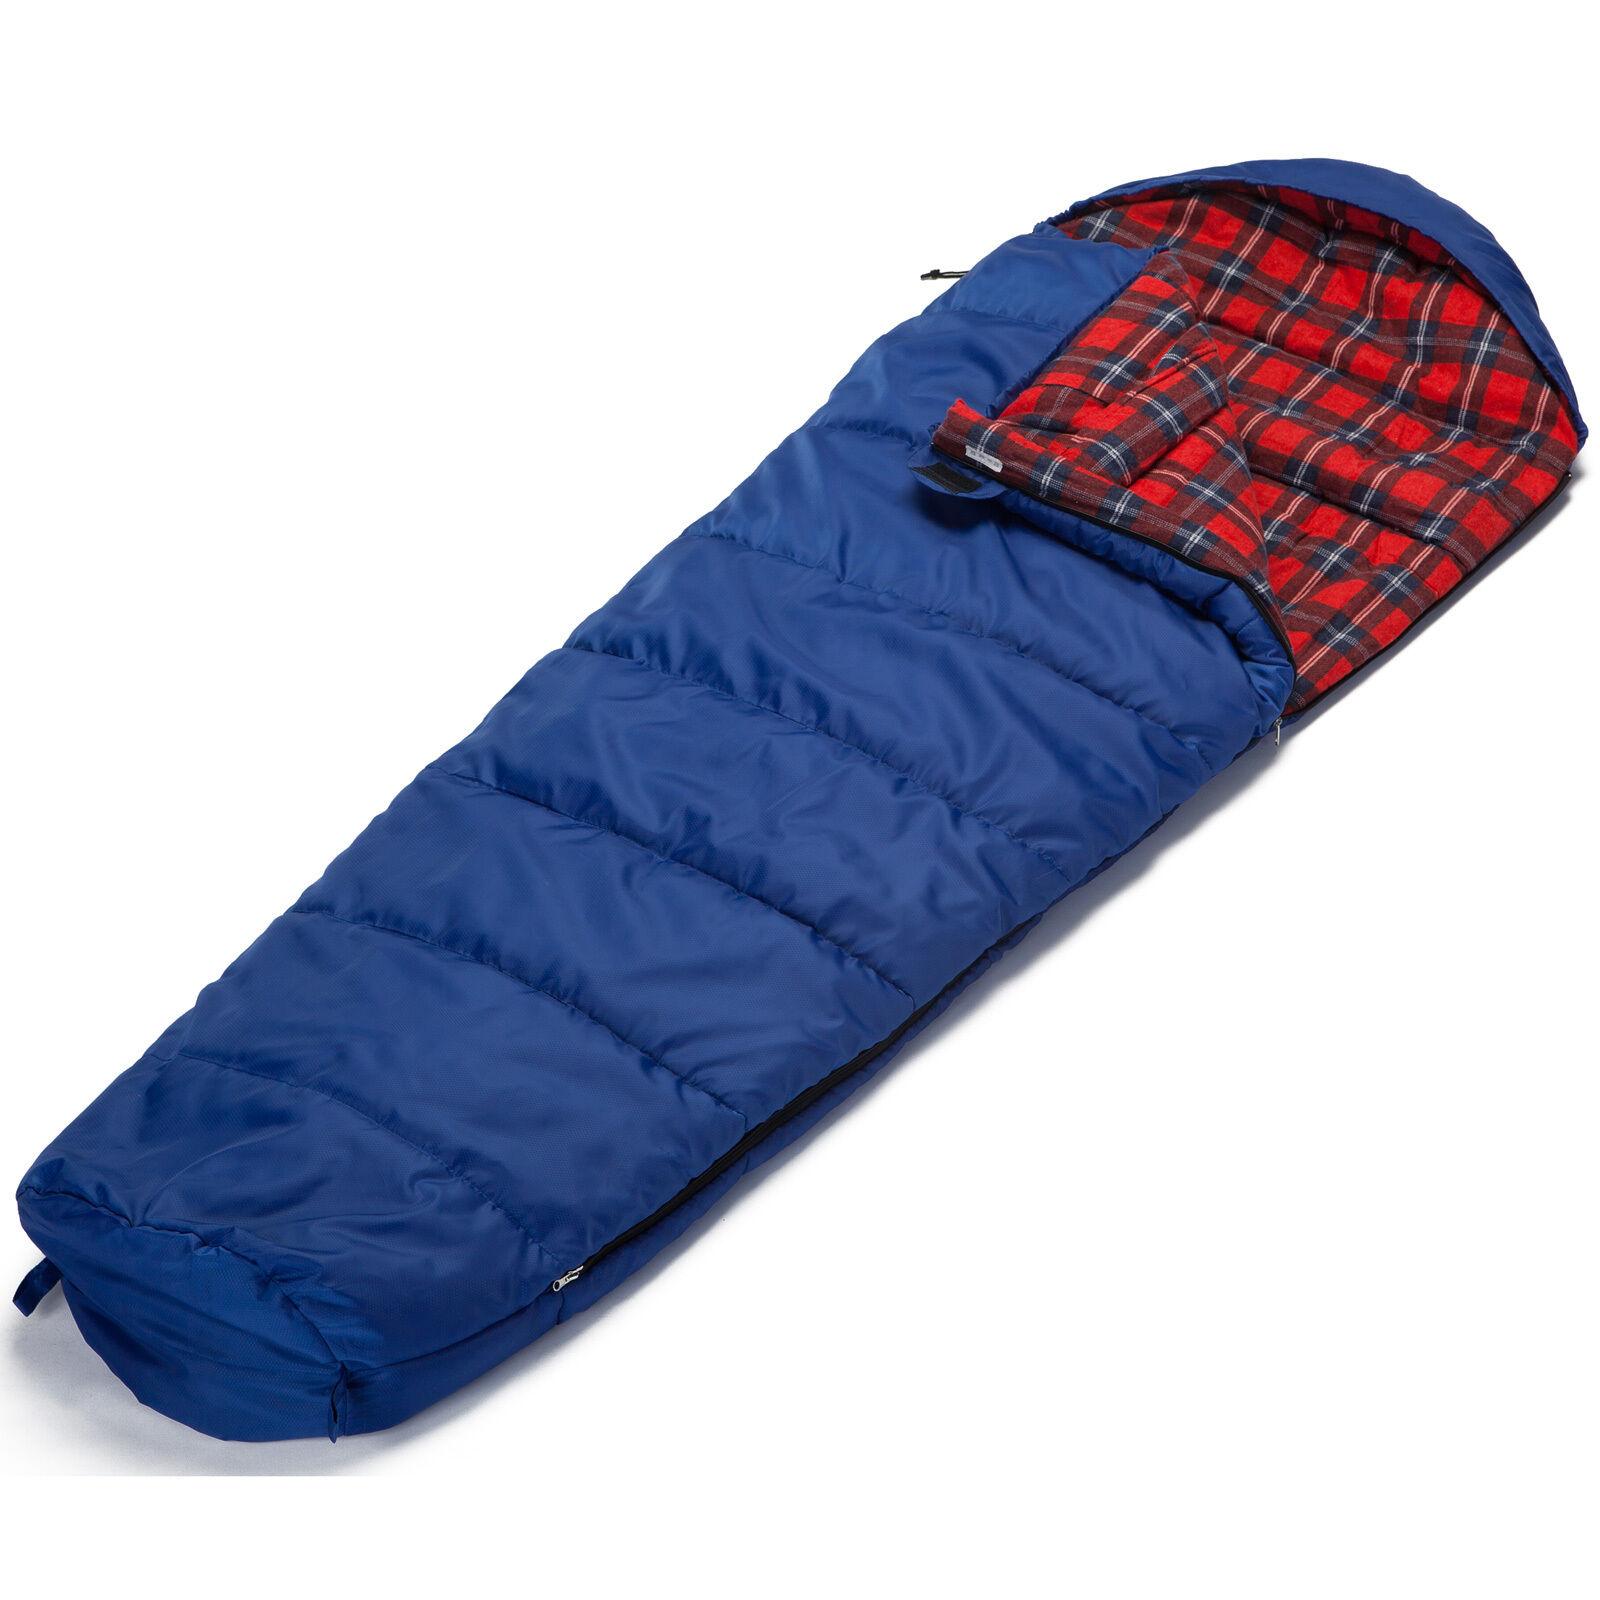 Skandika Aberdeen momias saco de dormir flotante 220x80 hasta -20 ° C PVP 75,-€ derecha